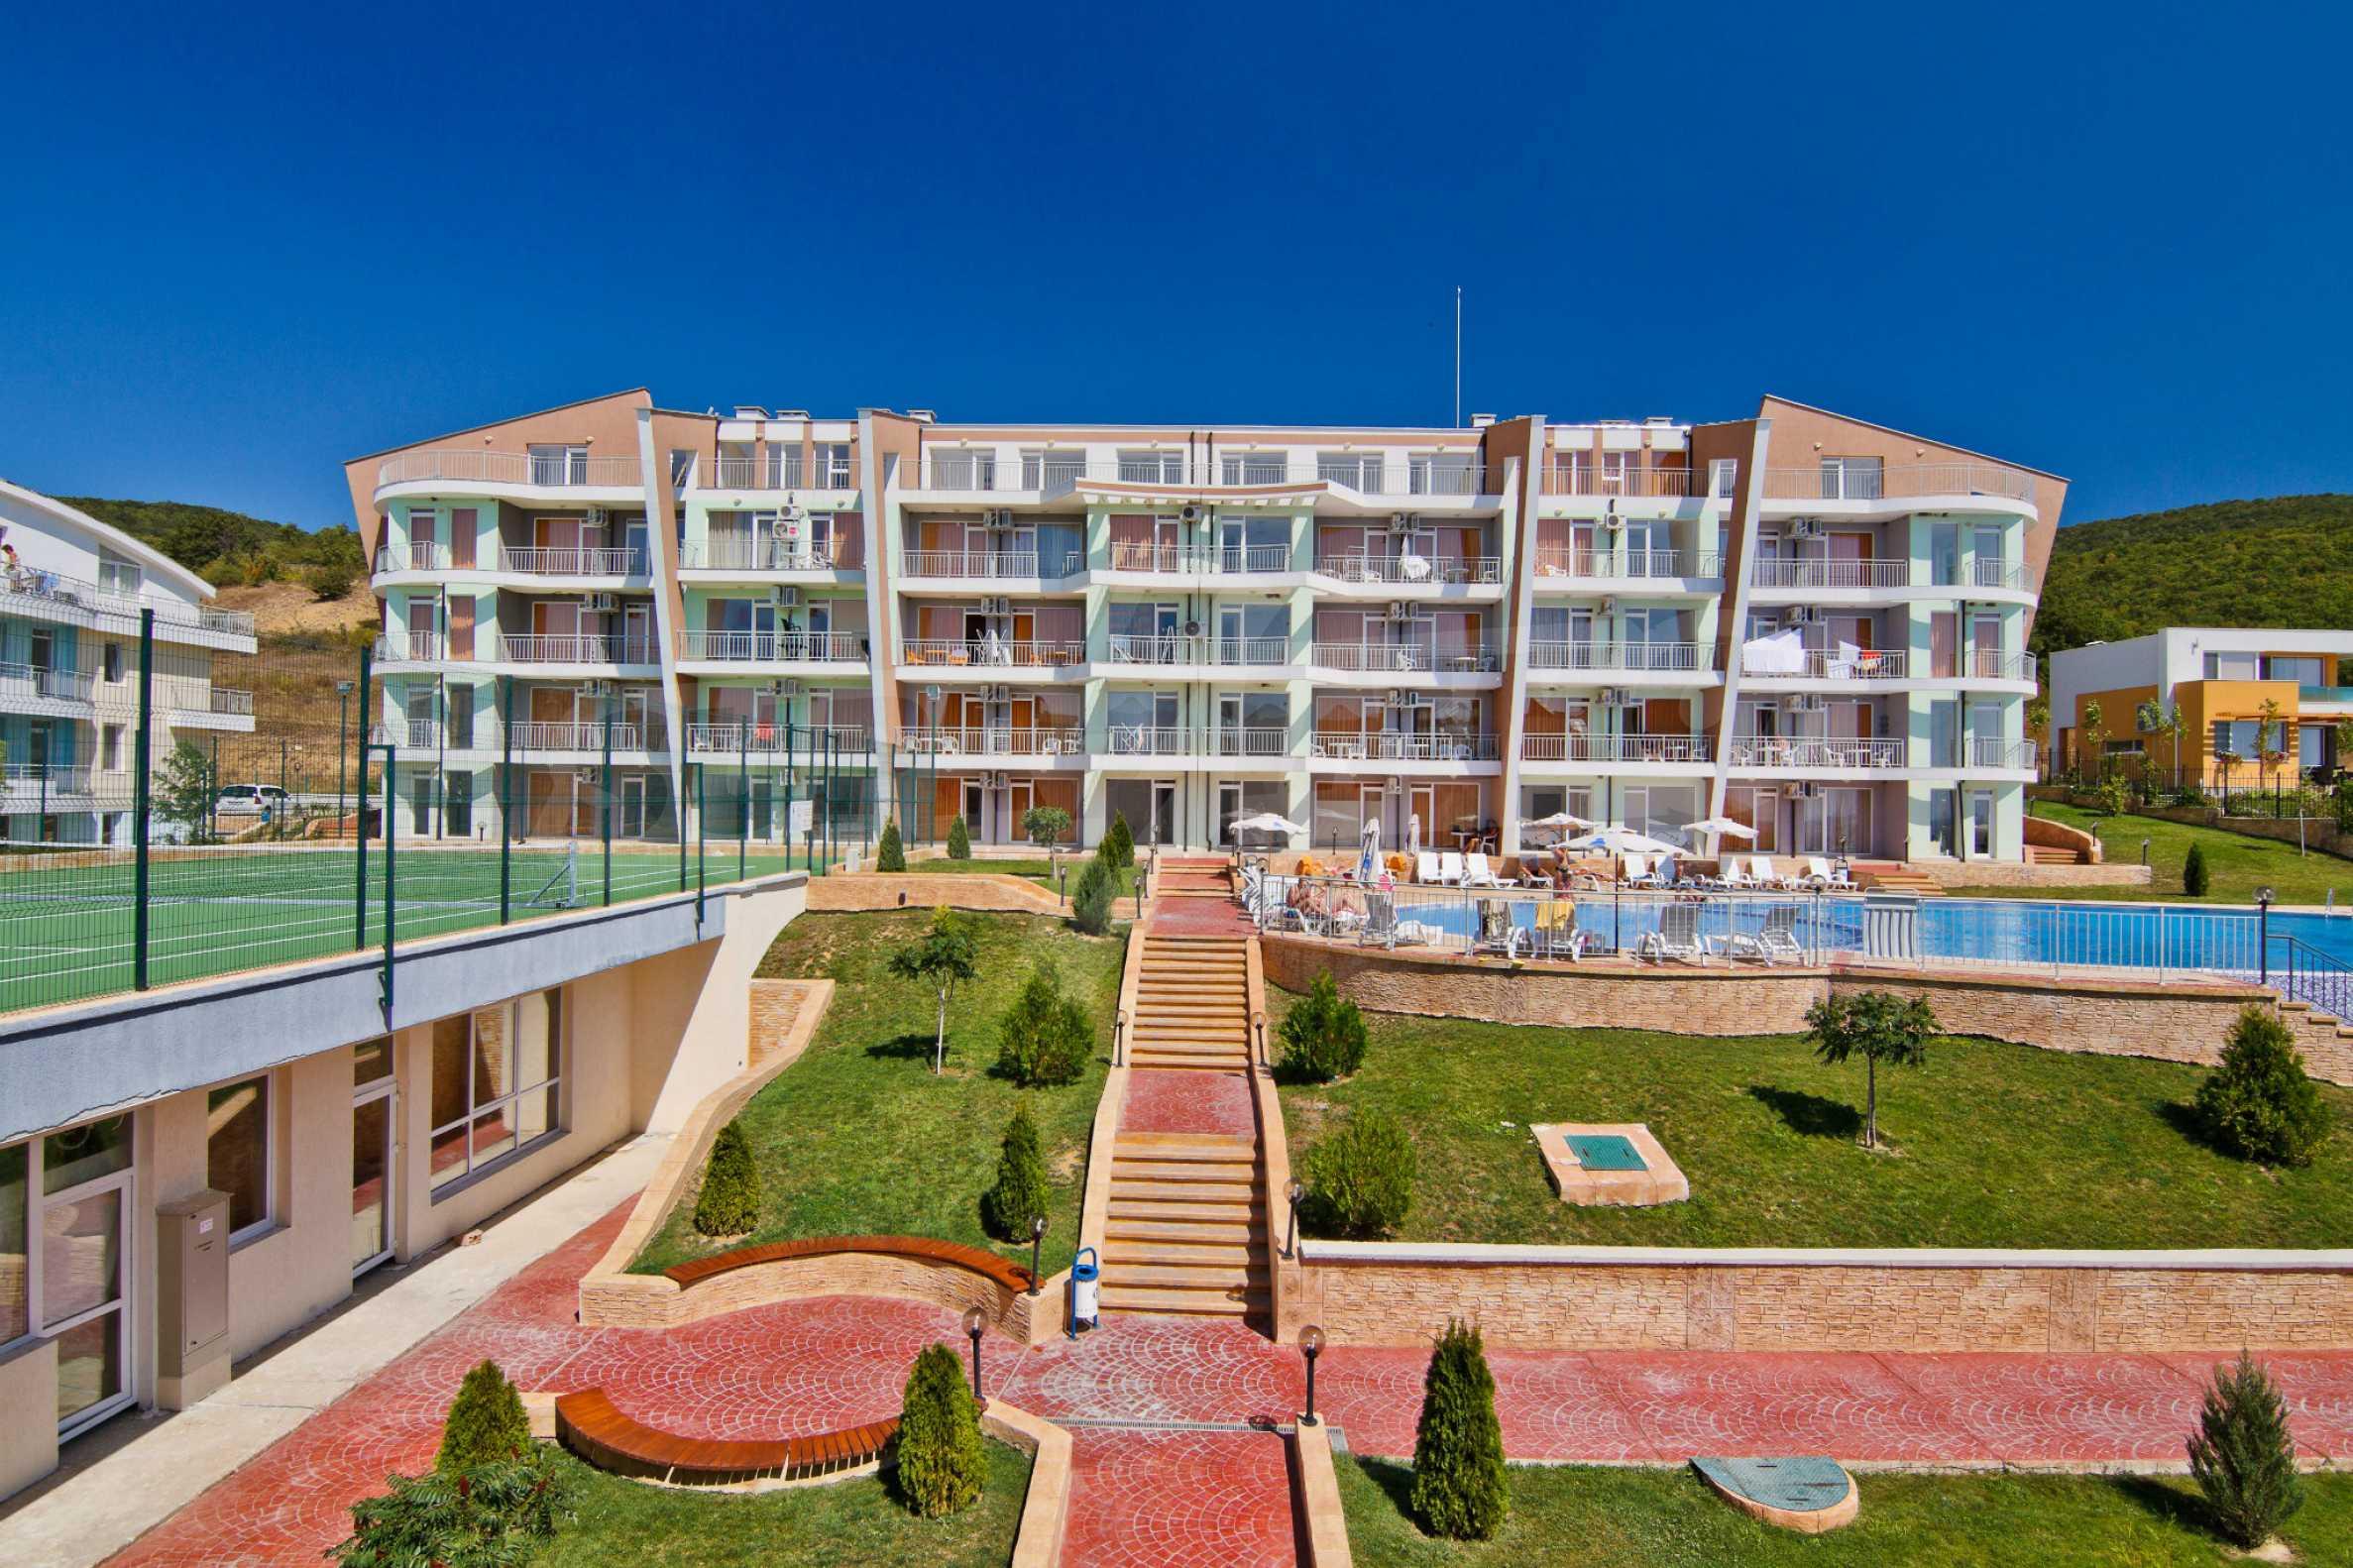 Sunset Kosharitsa - aпартаменти в атрактивен комплекс сред планината и морето, на 5 минути с кола от Слънчев бряг 7